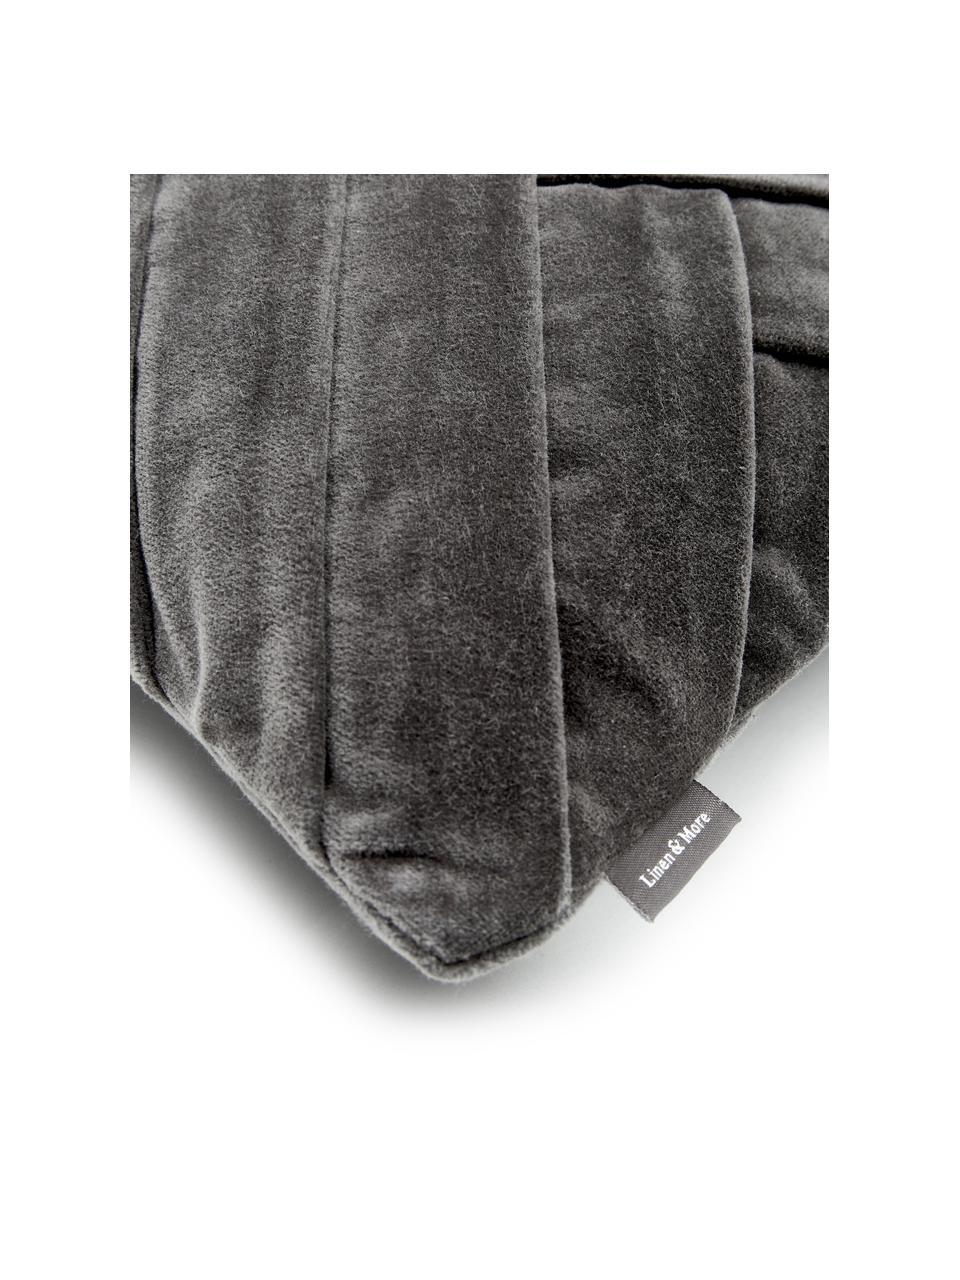 Samt-Kissen Folded mit Struktur-Oberfläche, mit Inlett, Bezug: 100% Baumwollsamt, Grau, 30 x 50 cm